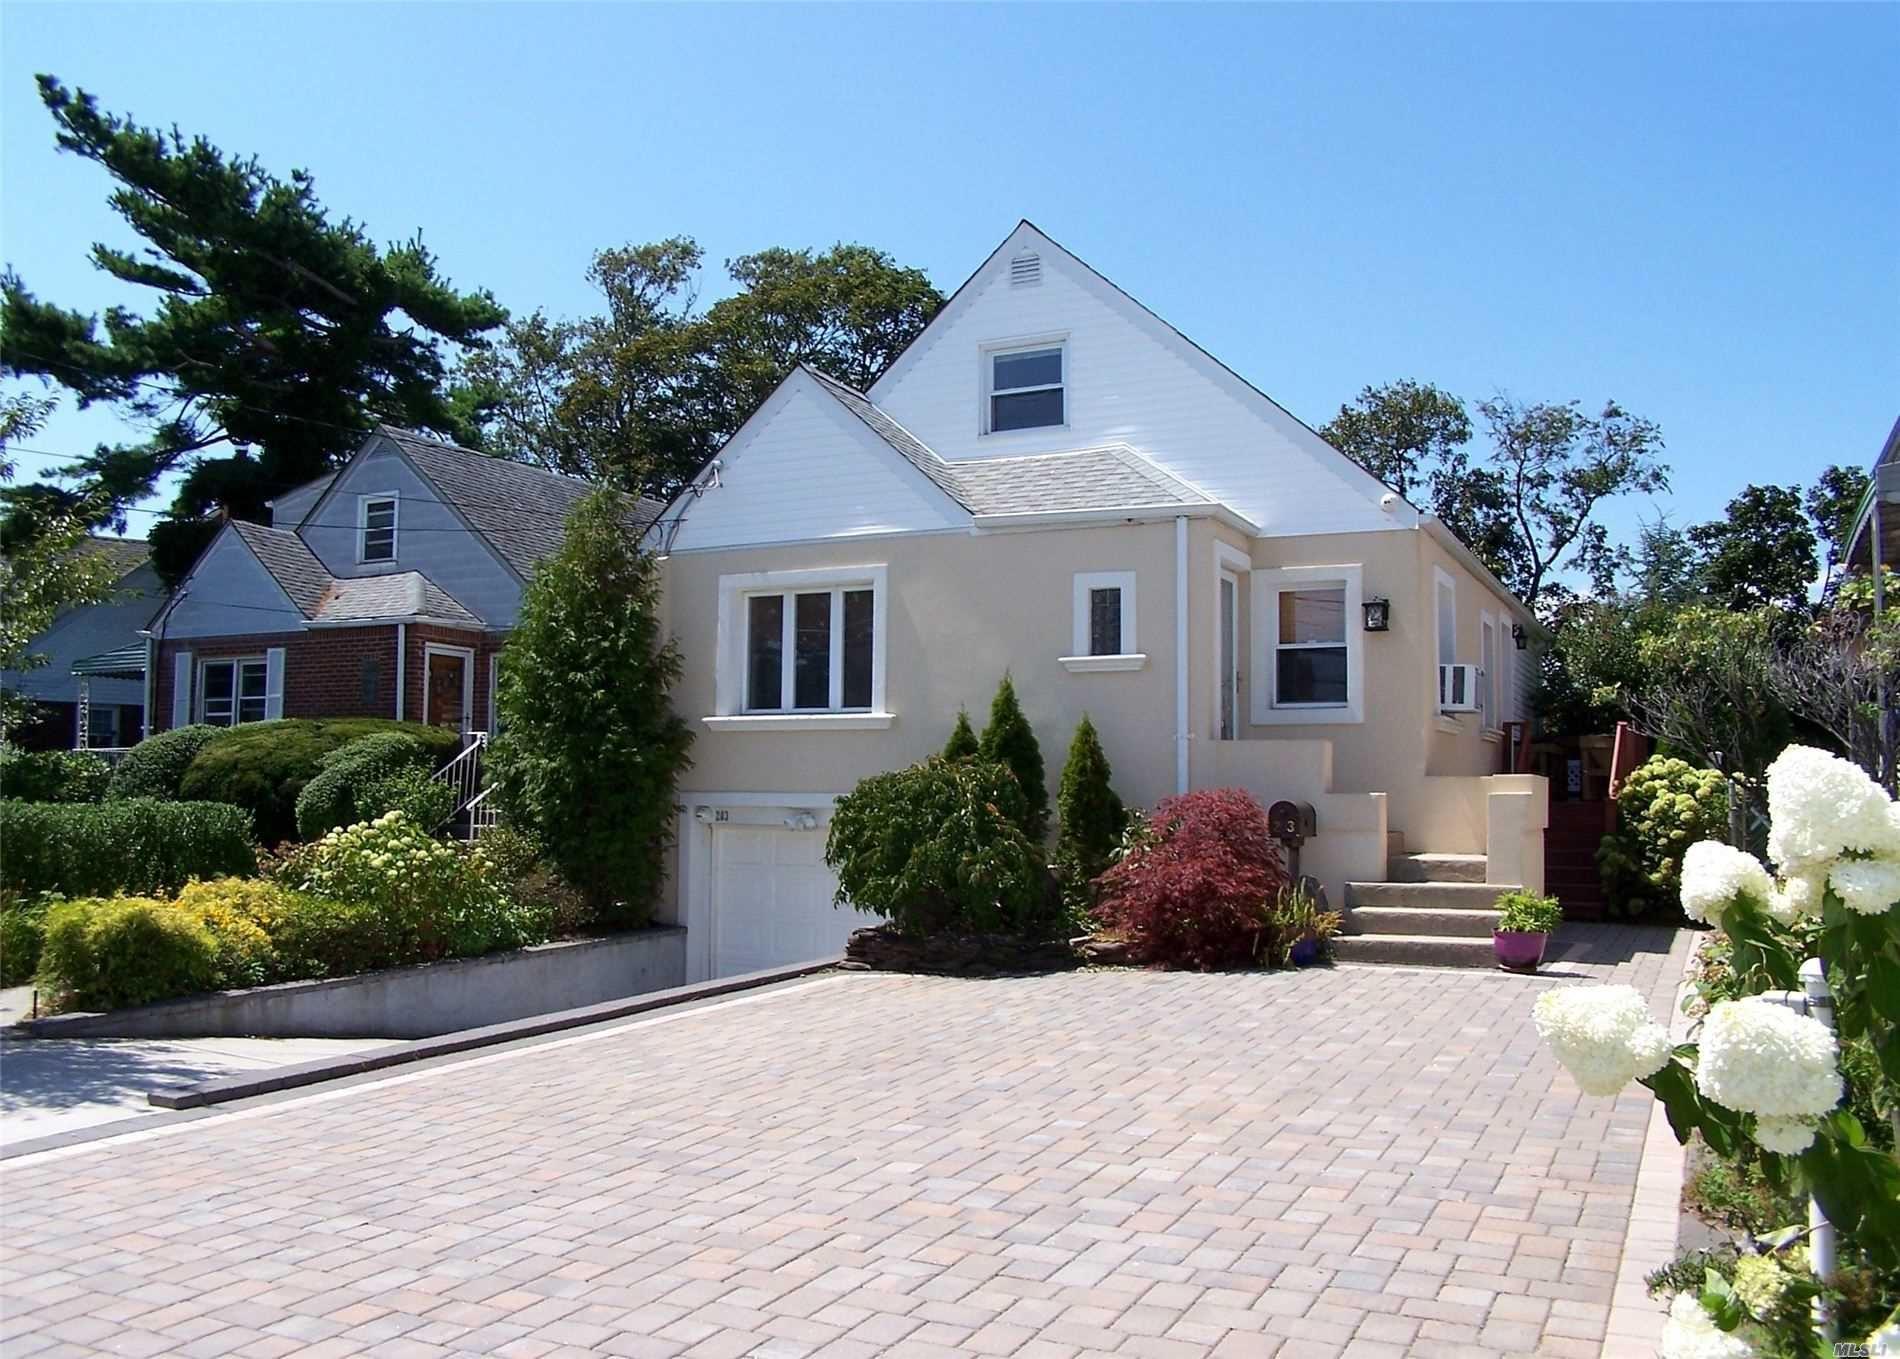 203 Sunnyside Road, Oceanside, NY 11572 - MLS#: 3241072